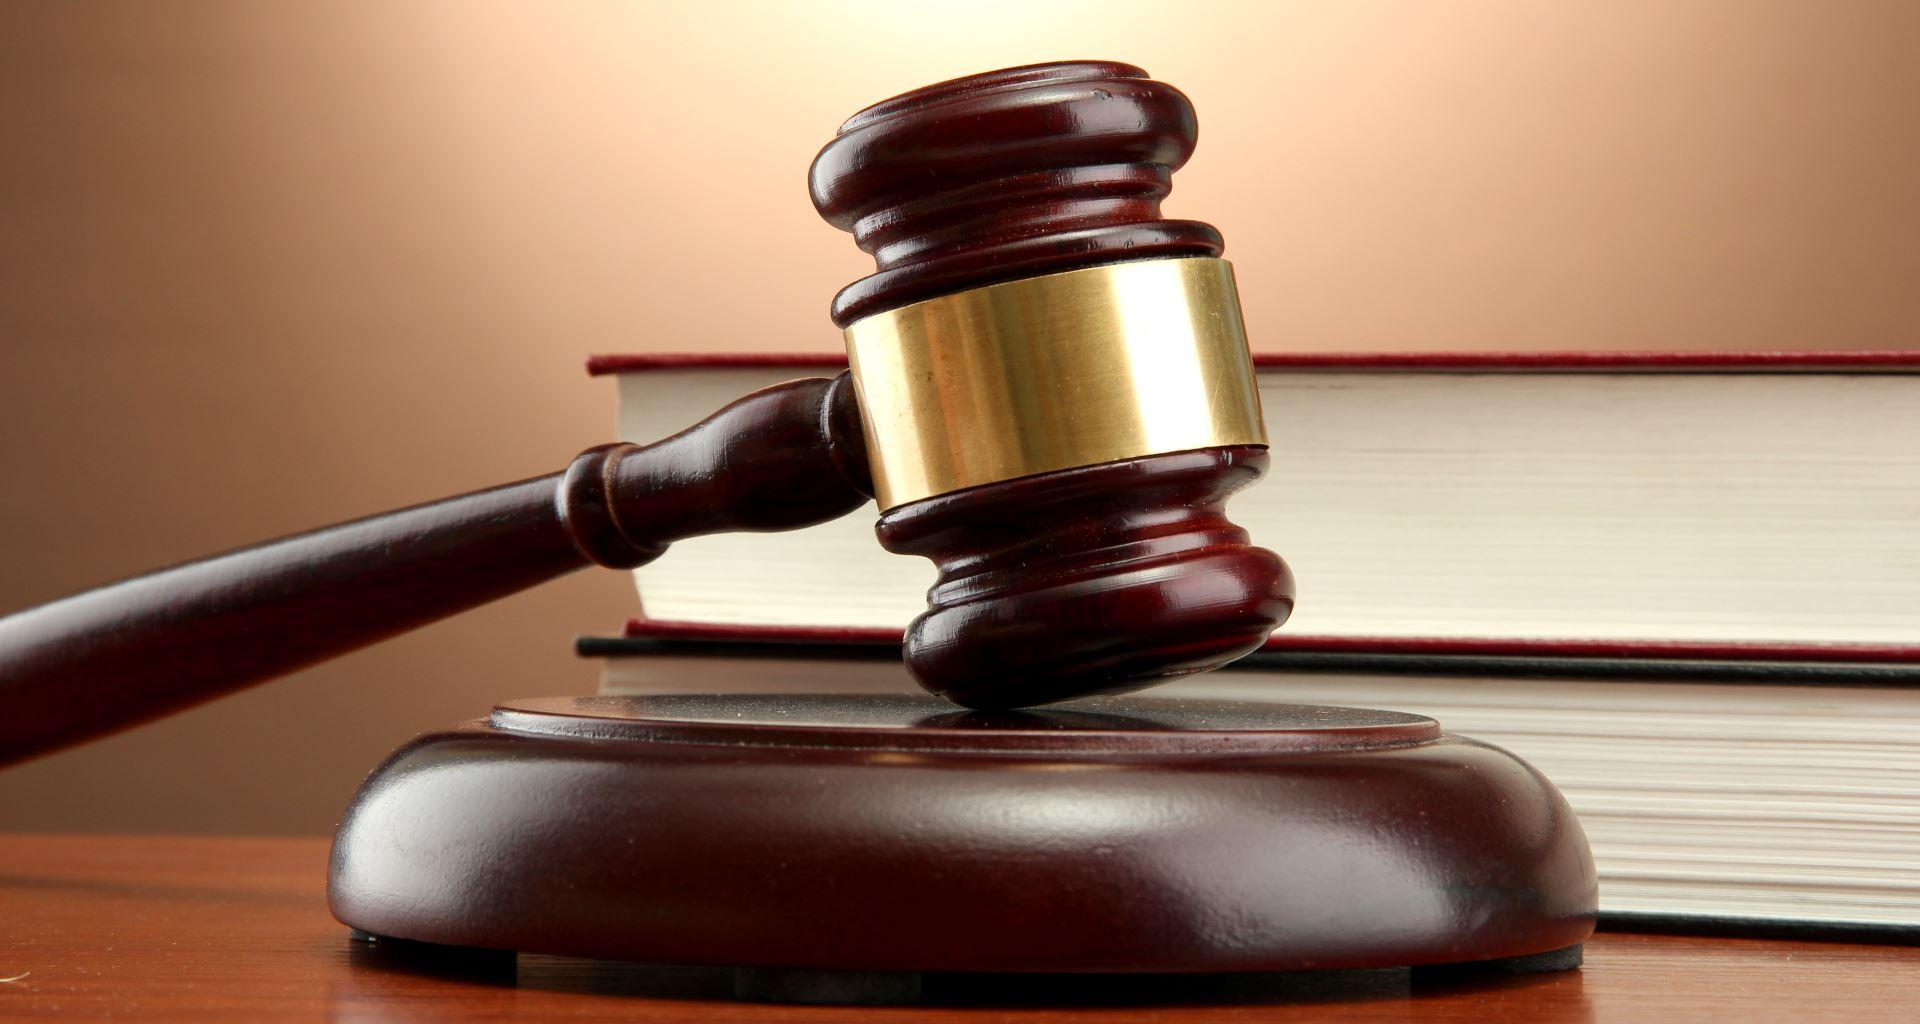 un giudice usa il martello per dare una sentenza